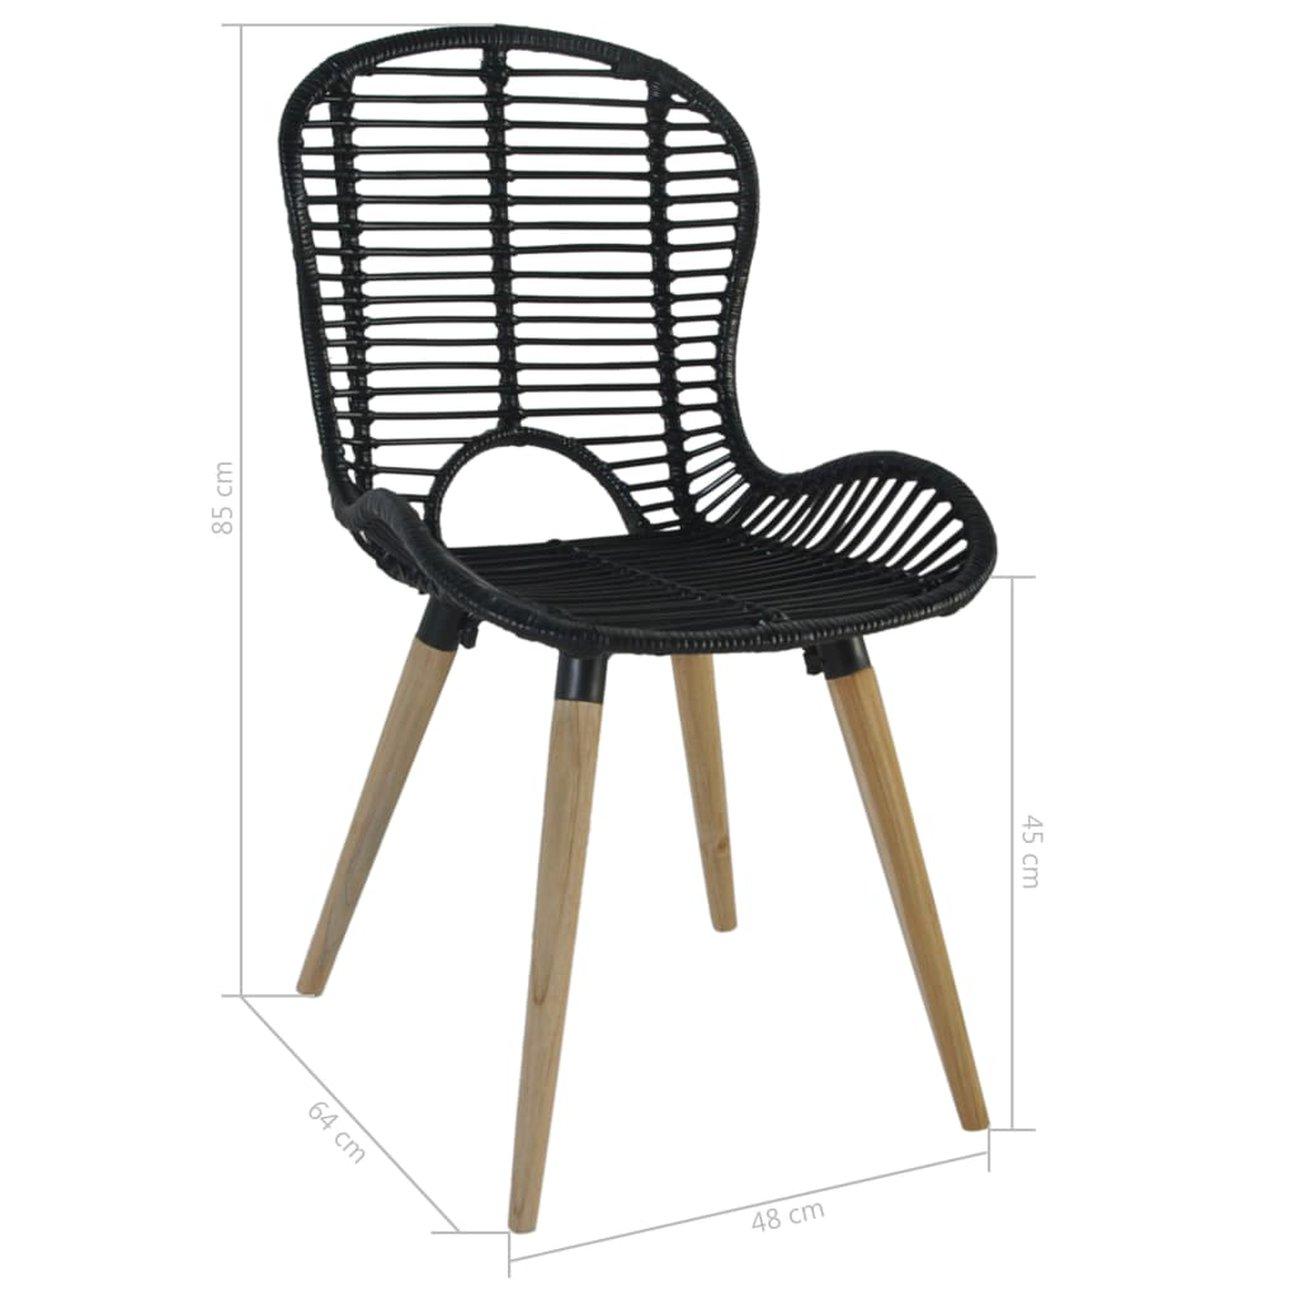 vidaxl chaises a diner dexterieur 6 pcs rotin 48 x 64 x 85 cm noir 8 v1